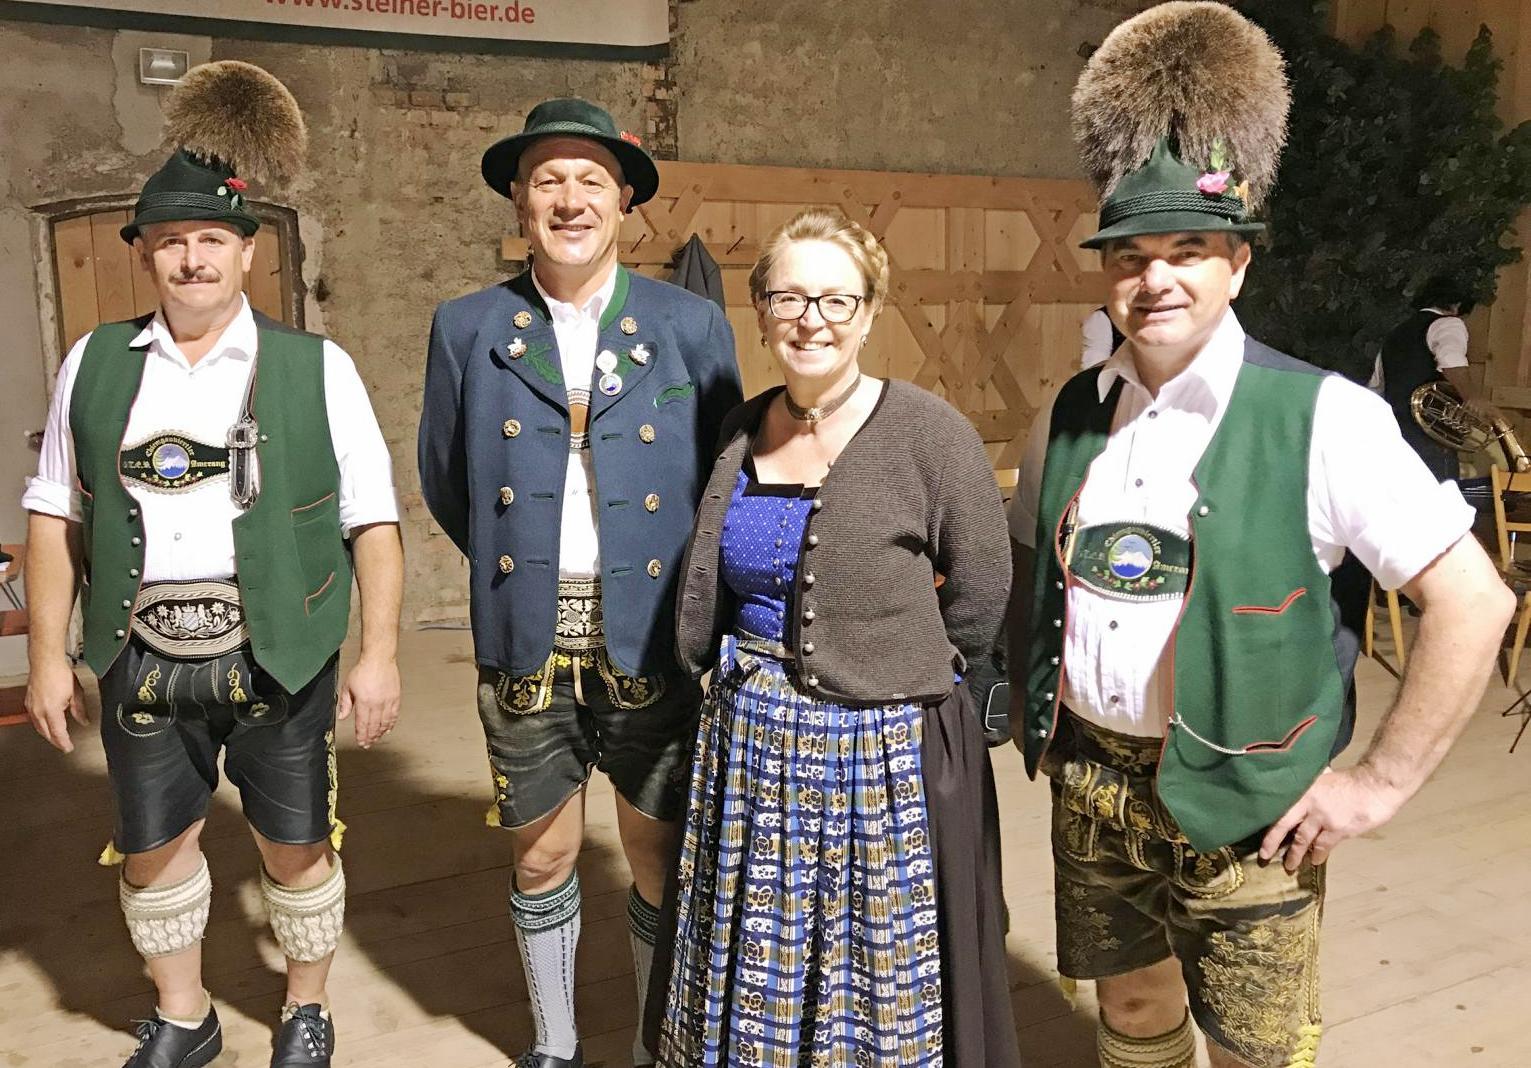 von links: Korbinian Hainz, Gauvorstand Miche Huber mit Frau Claudia, stellv. Gauvorstand Georg Westner